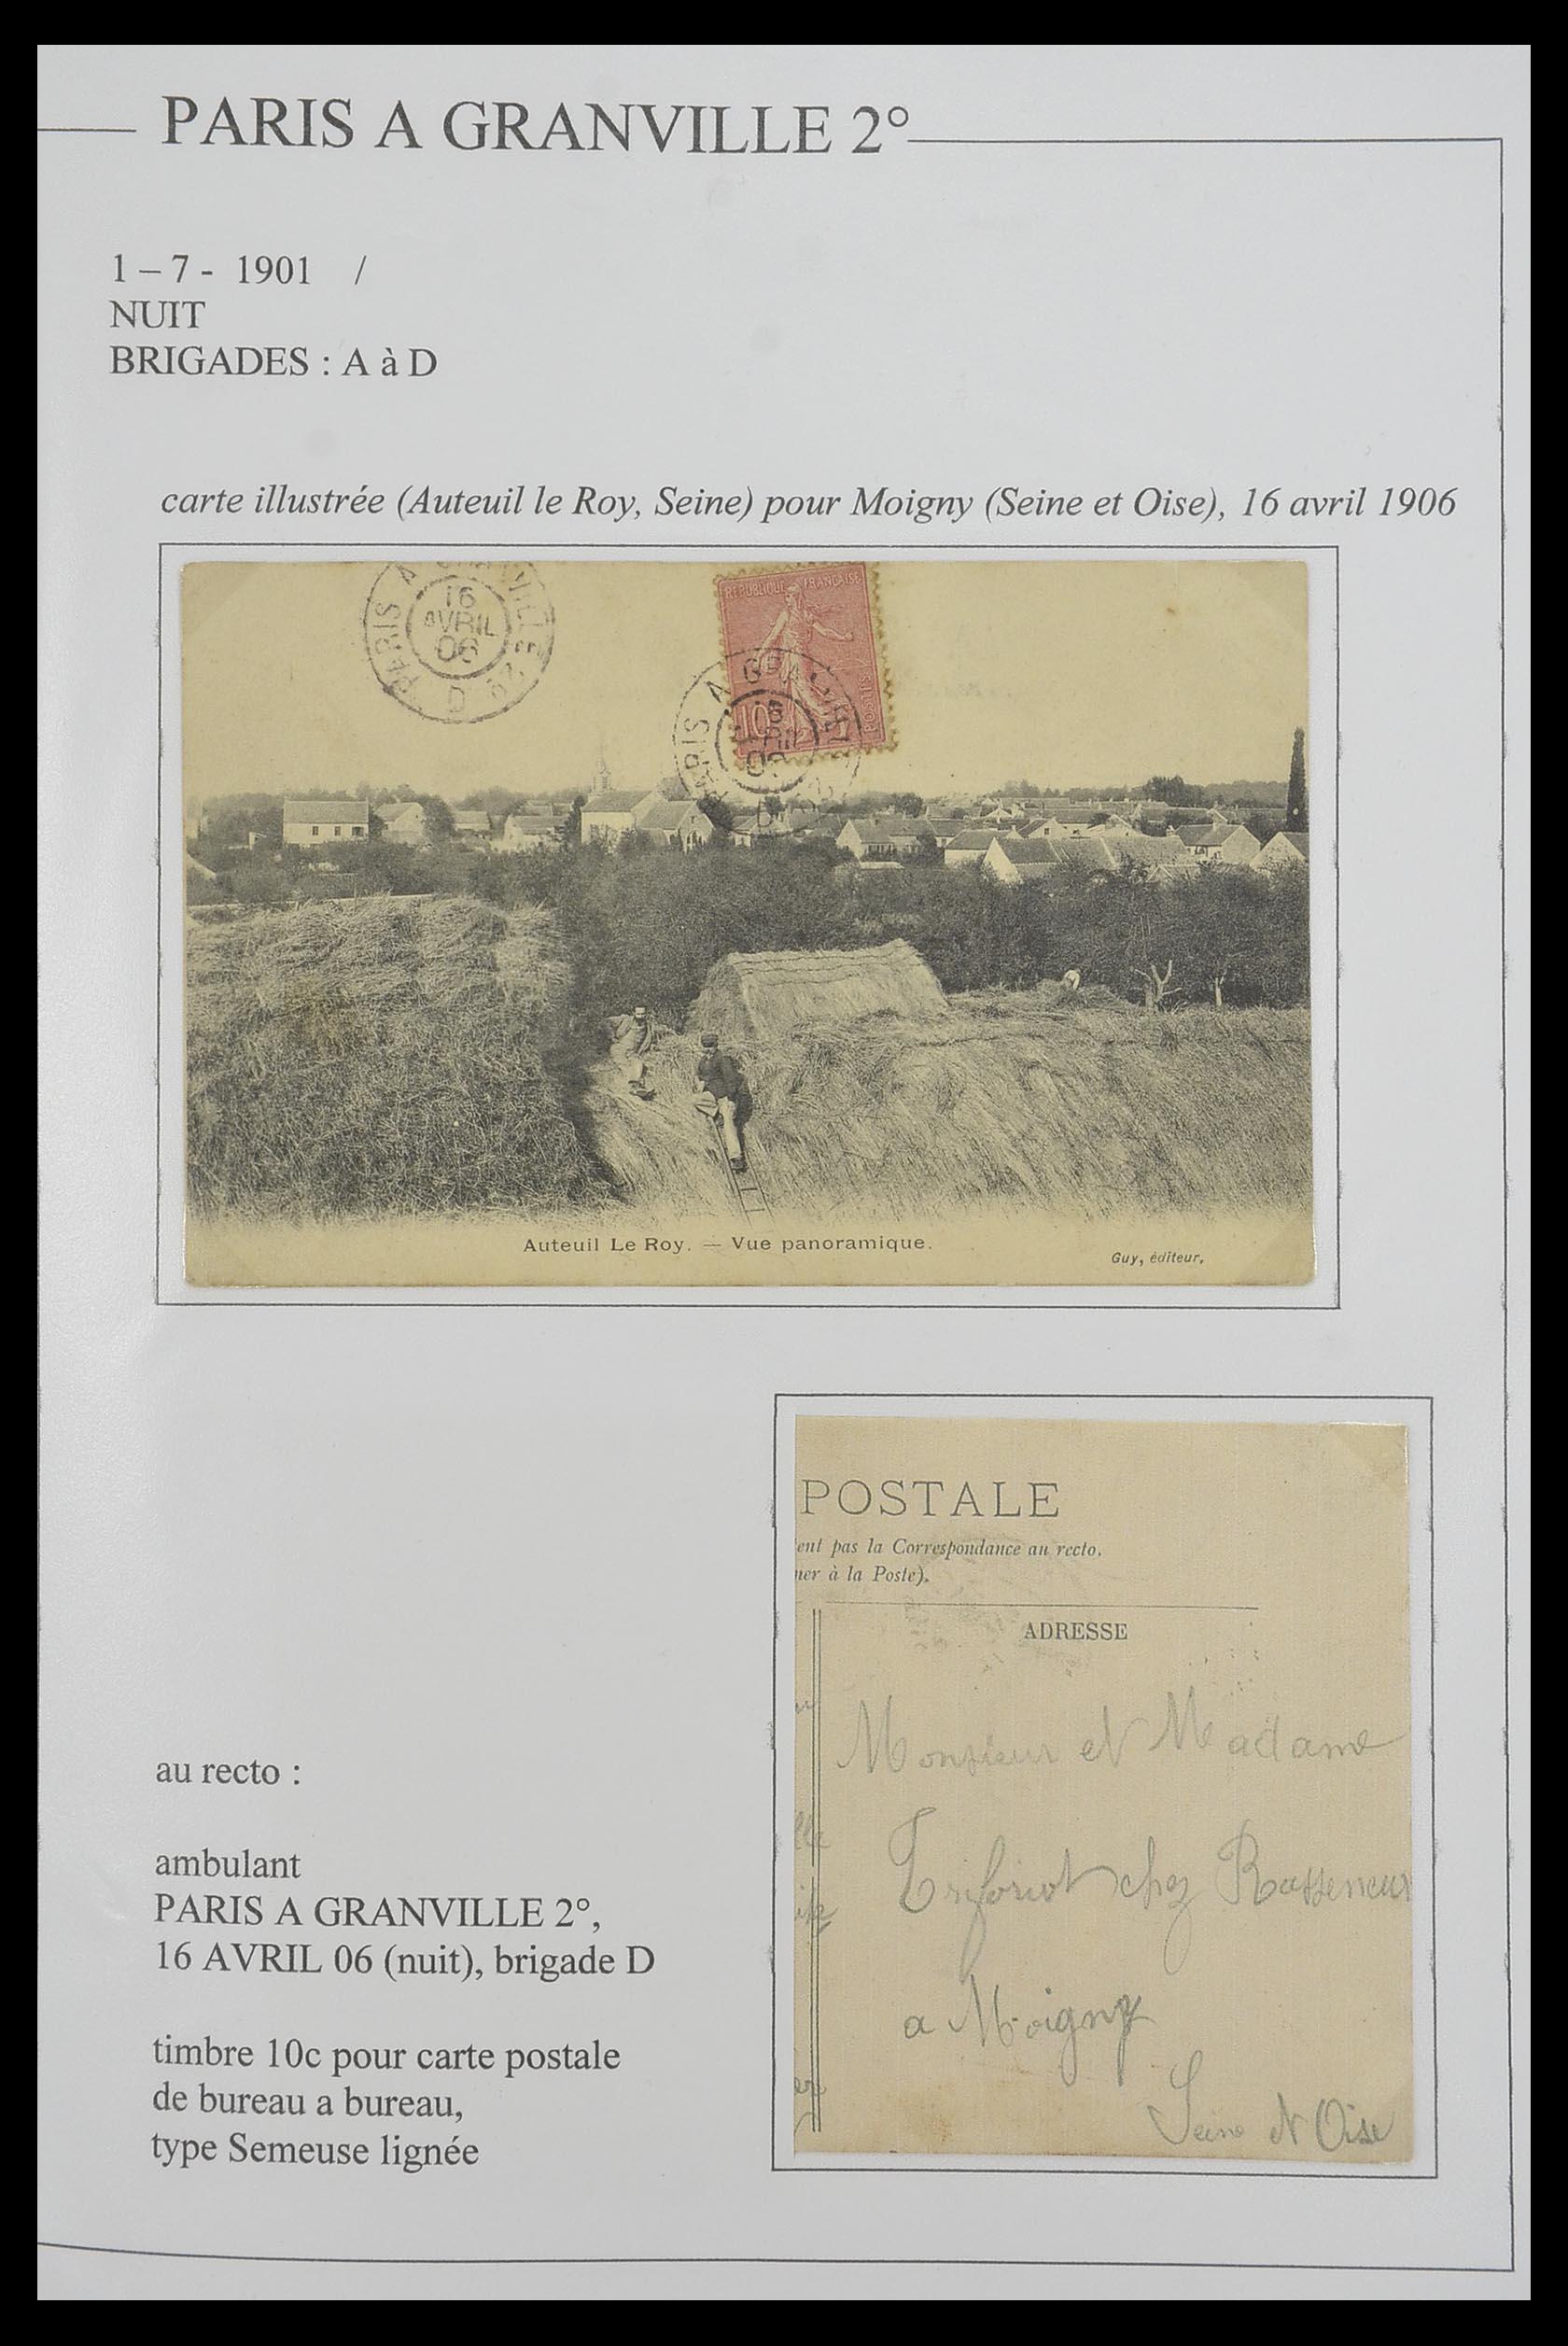 33624 012 - Postzegelverzameling 33624 Frankrijk brieven 1854-1907.